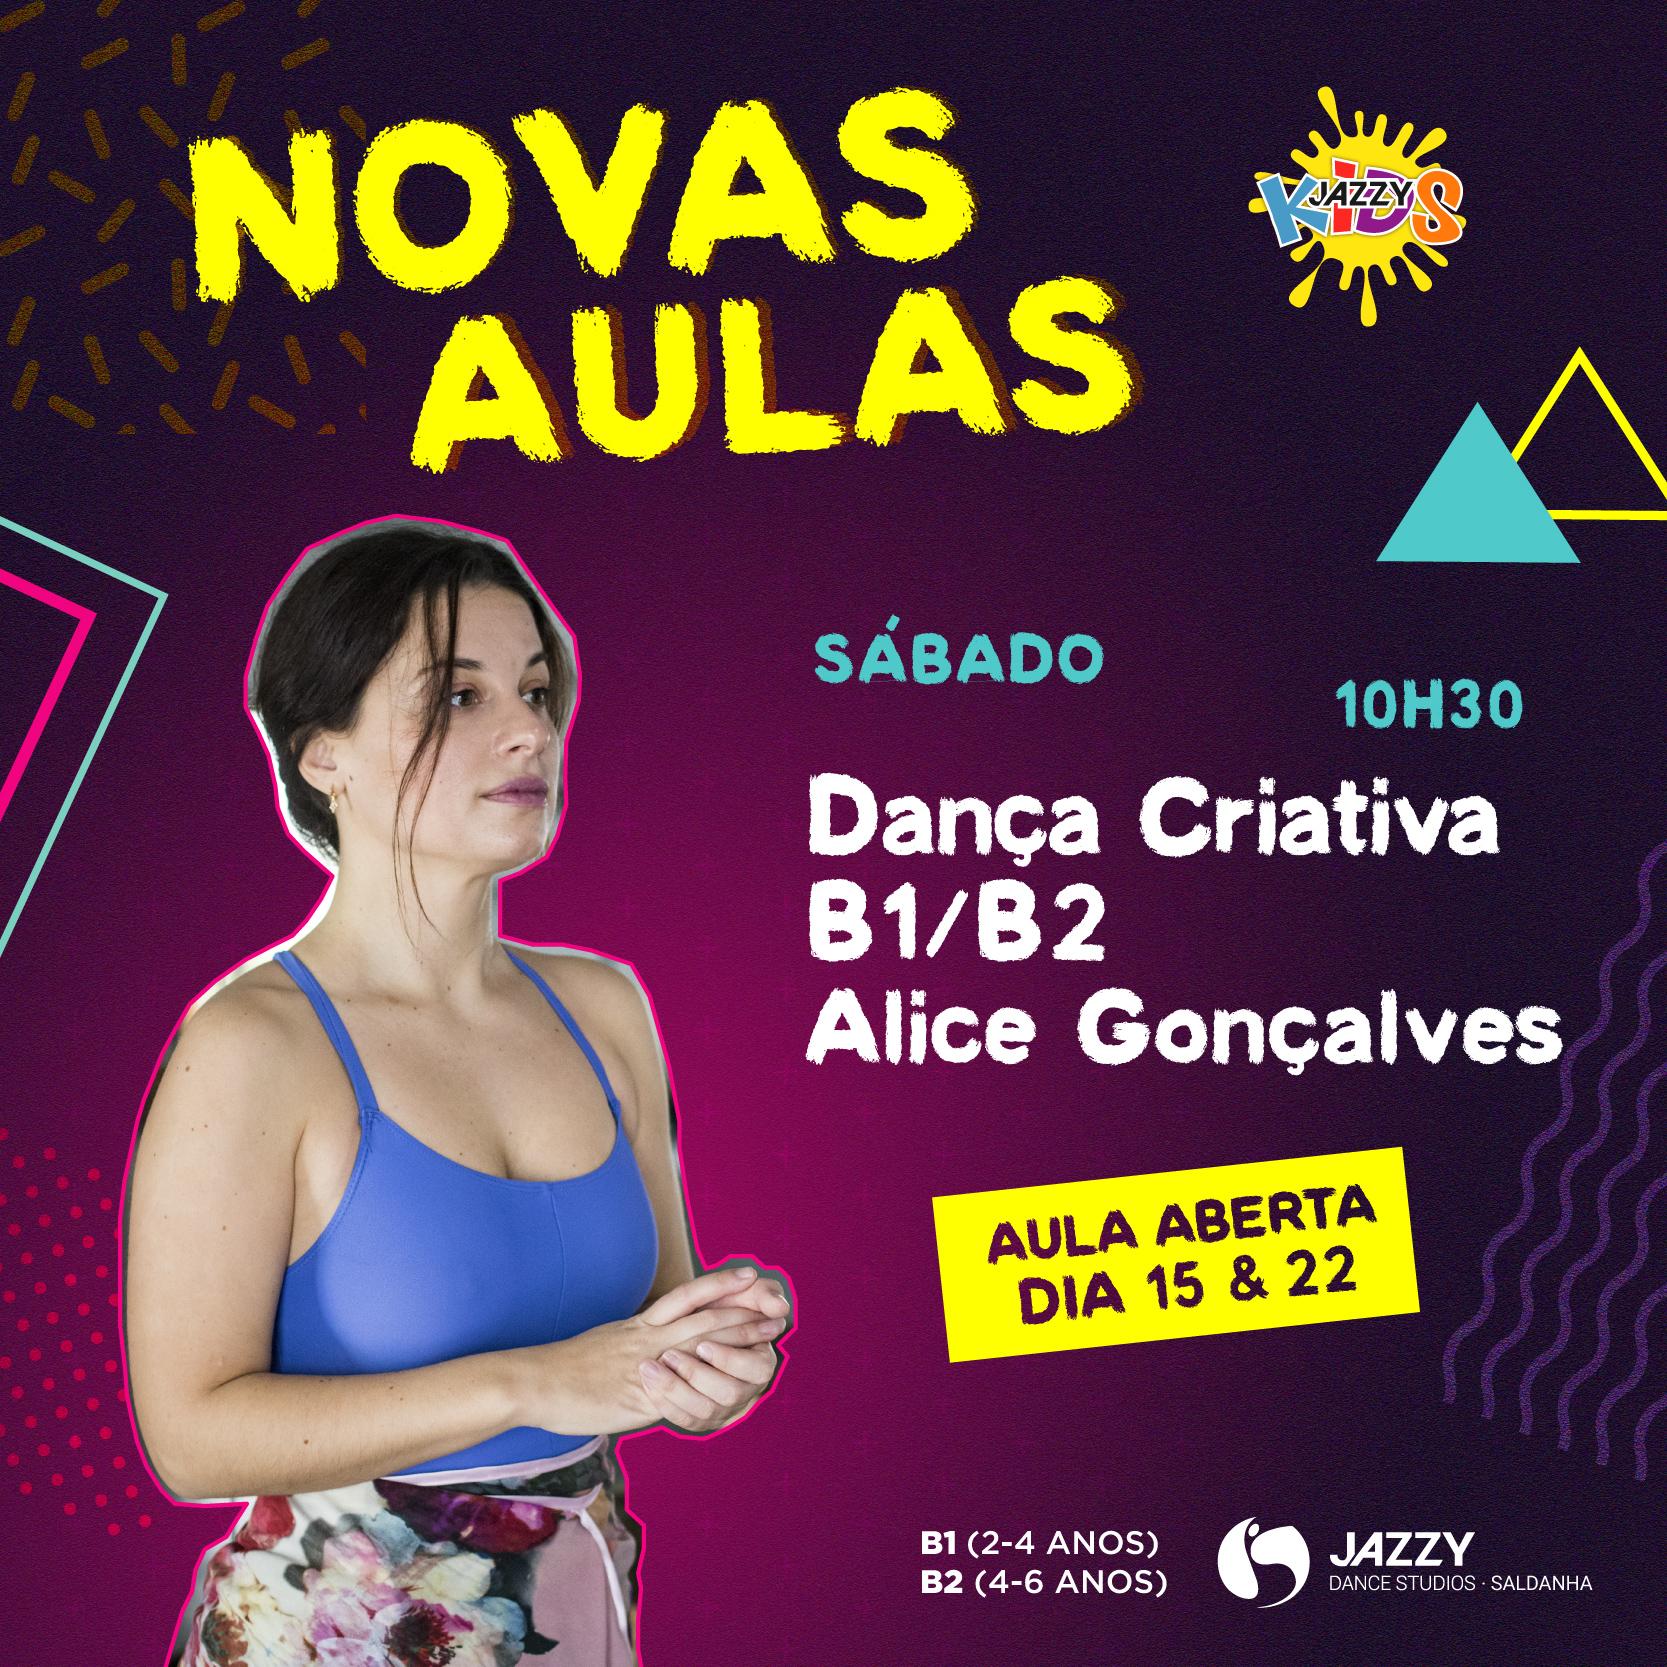 Novas Aulas_Saldanha_v2_Dança Criativa.jpg